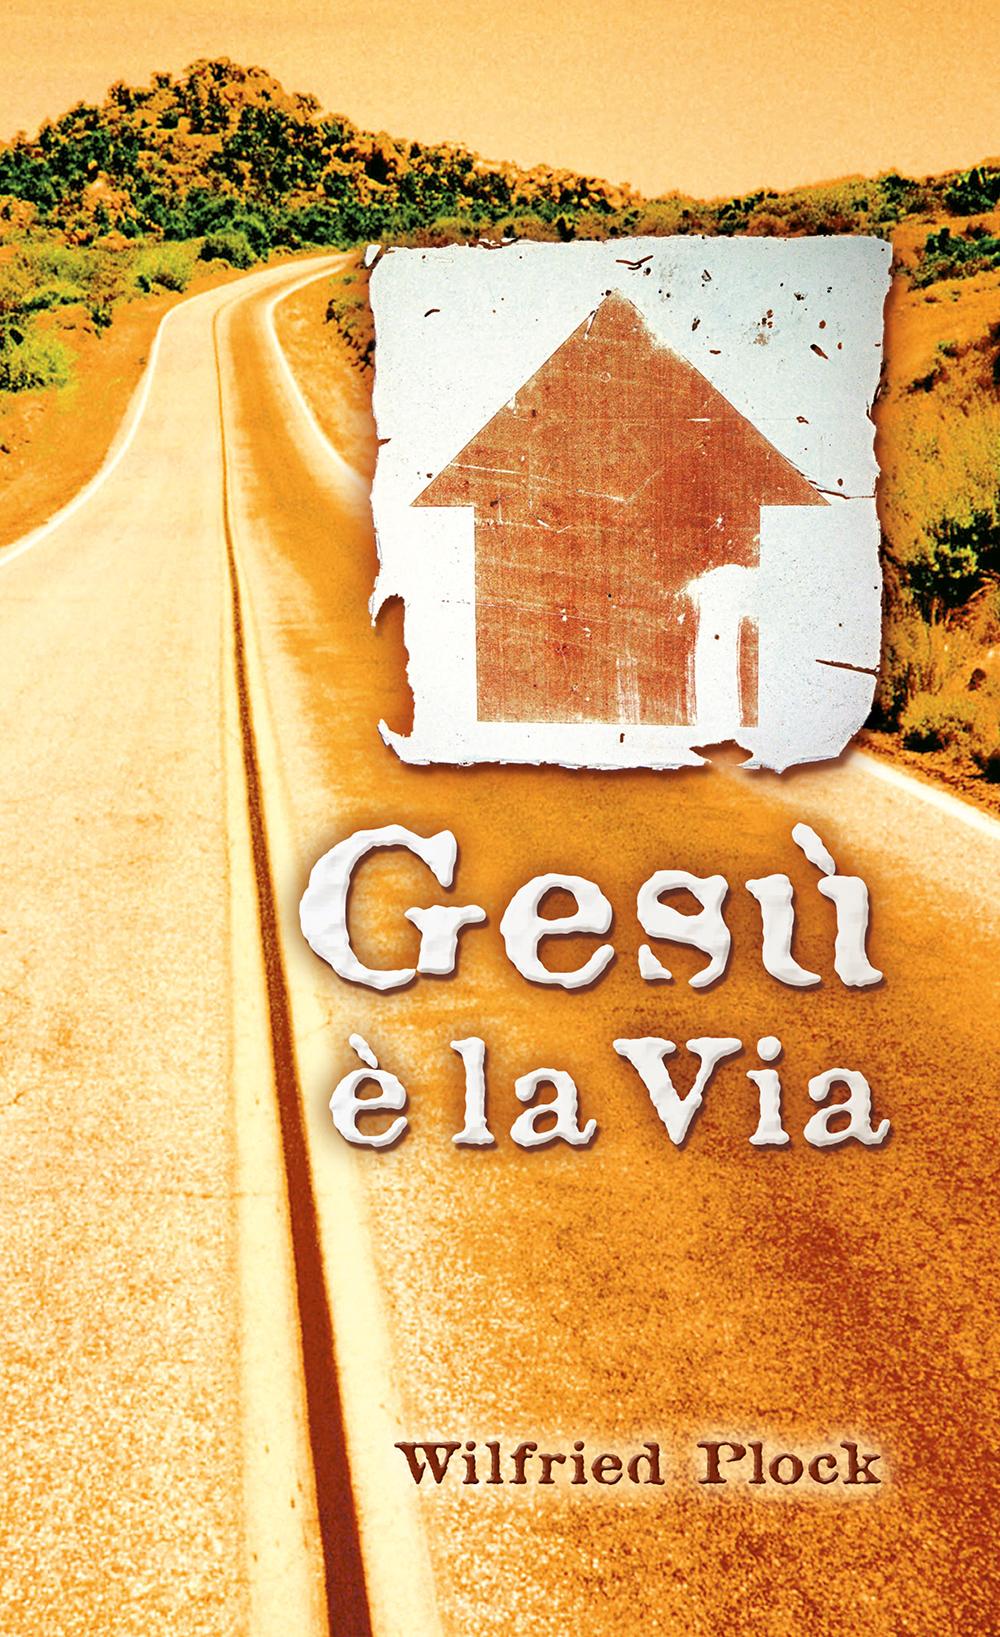 CLV_jesus-ist-der-weg-italienisch_wilfried-plock_256170_1